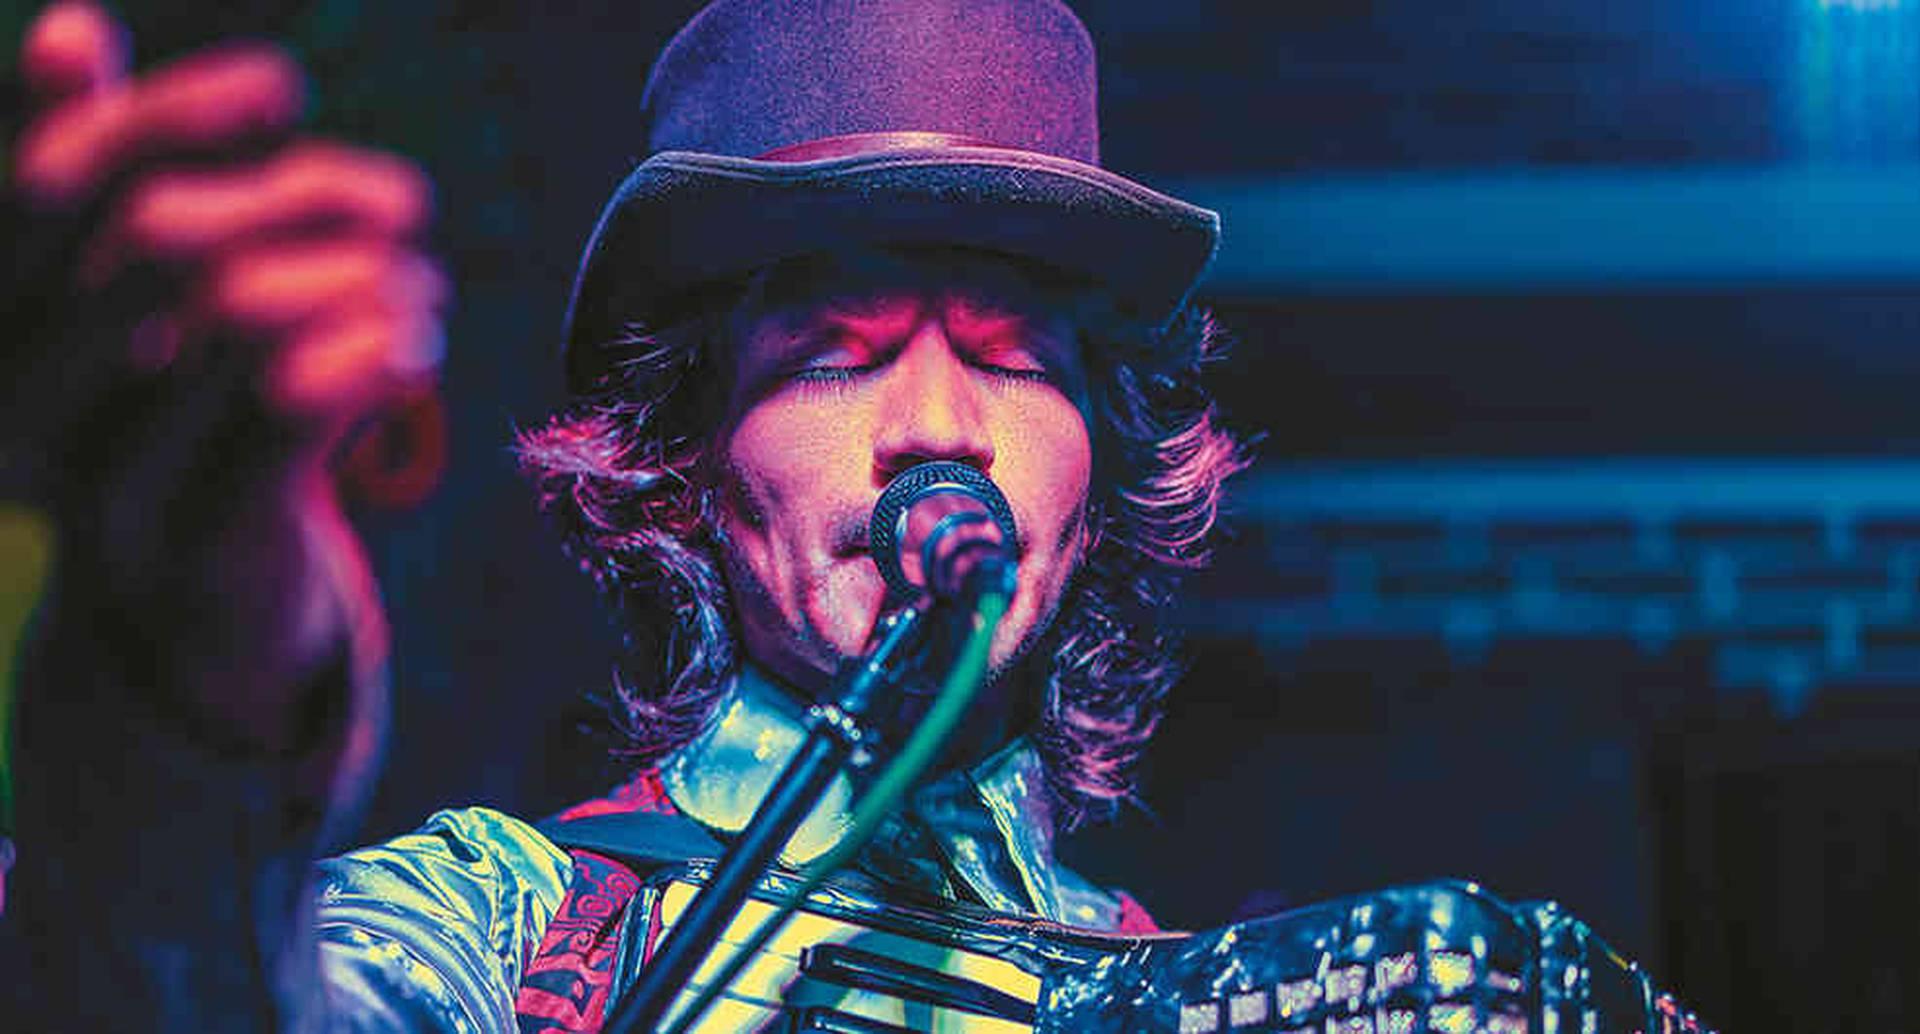 La agrupación pastusa ha llevado mezclas de ritmos andinos con 'balkan beat' y cumbia a escenarios como Rock al Parque.